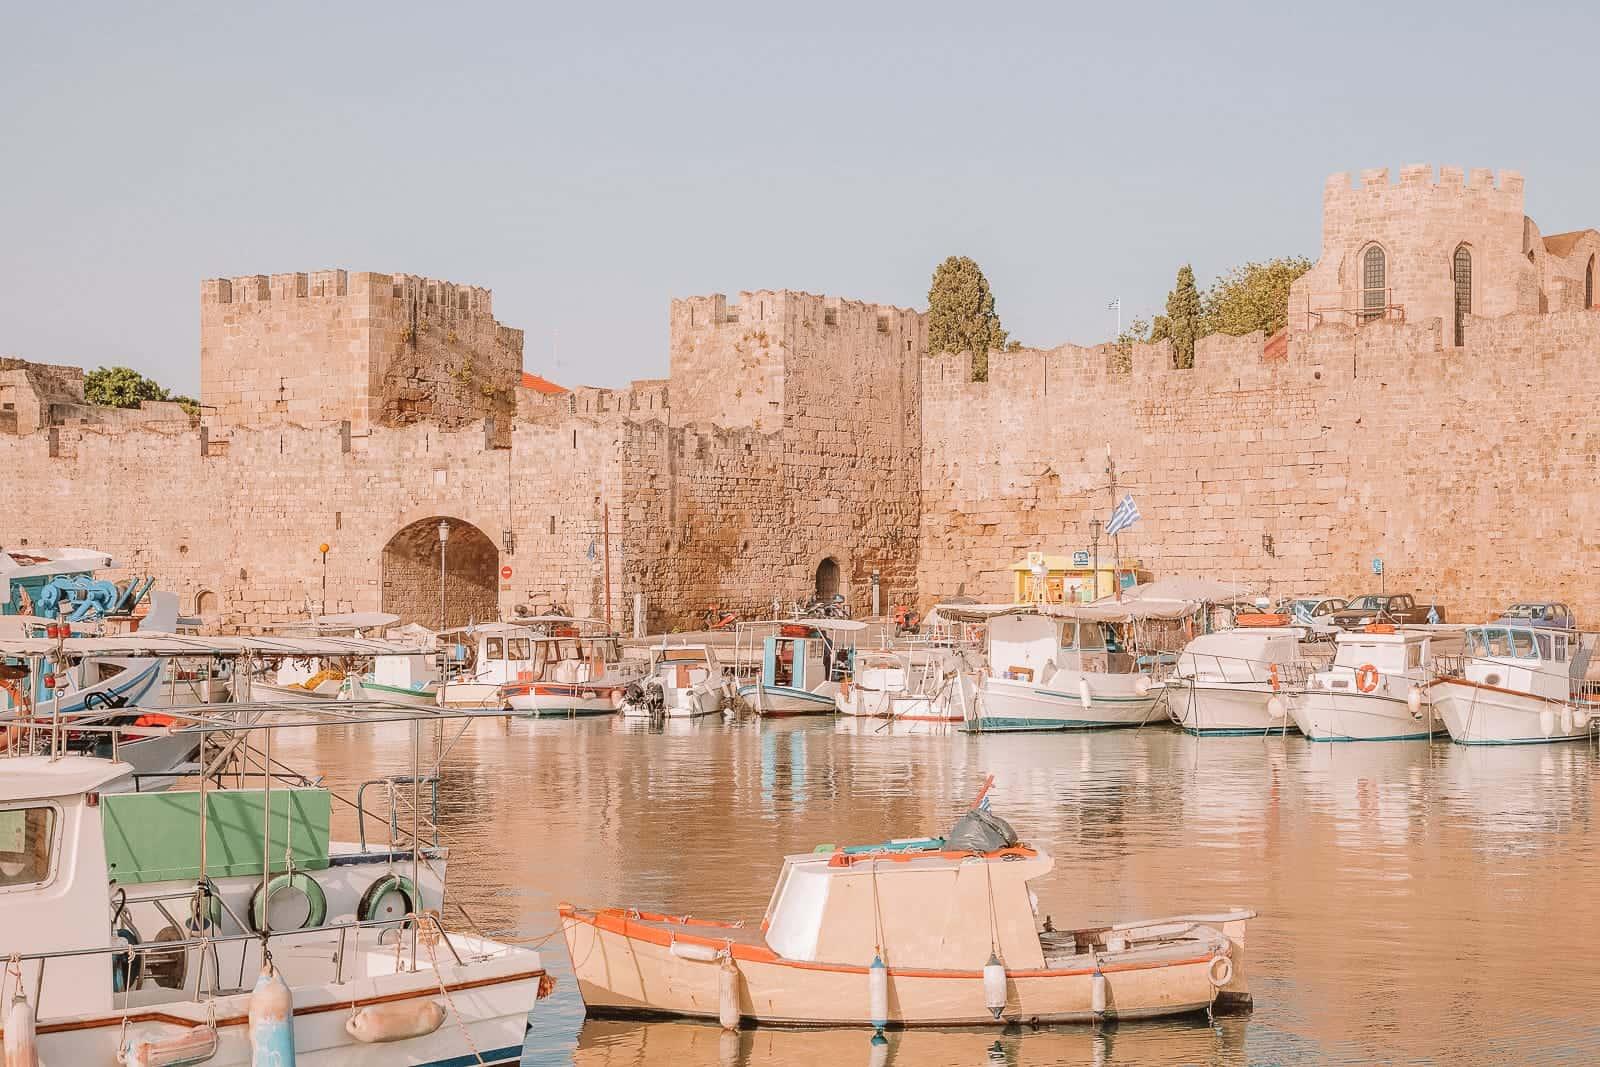 خليج القديس بولس جزيرة رودس